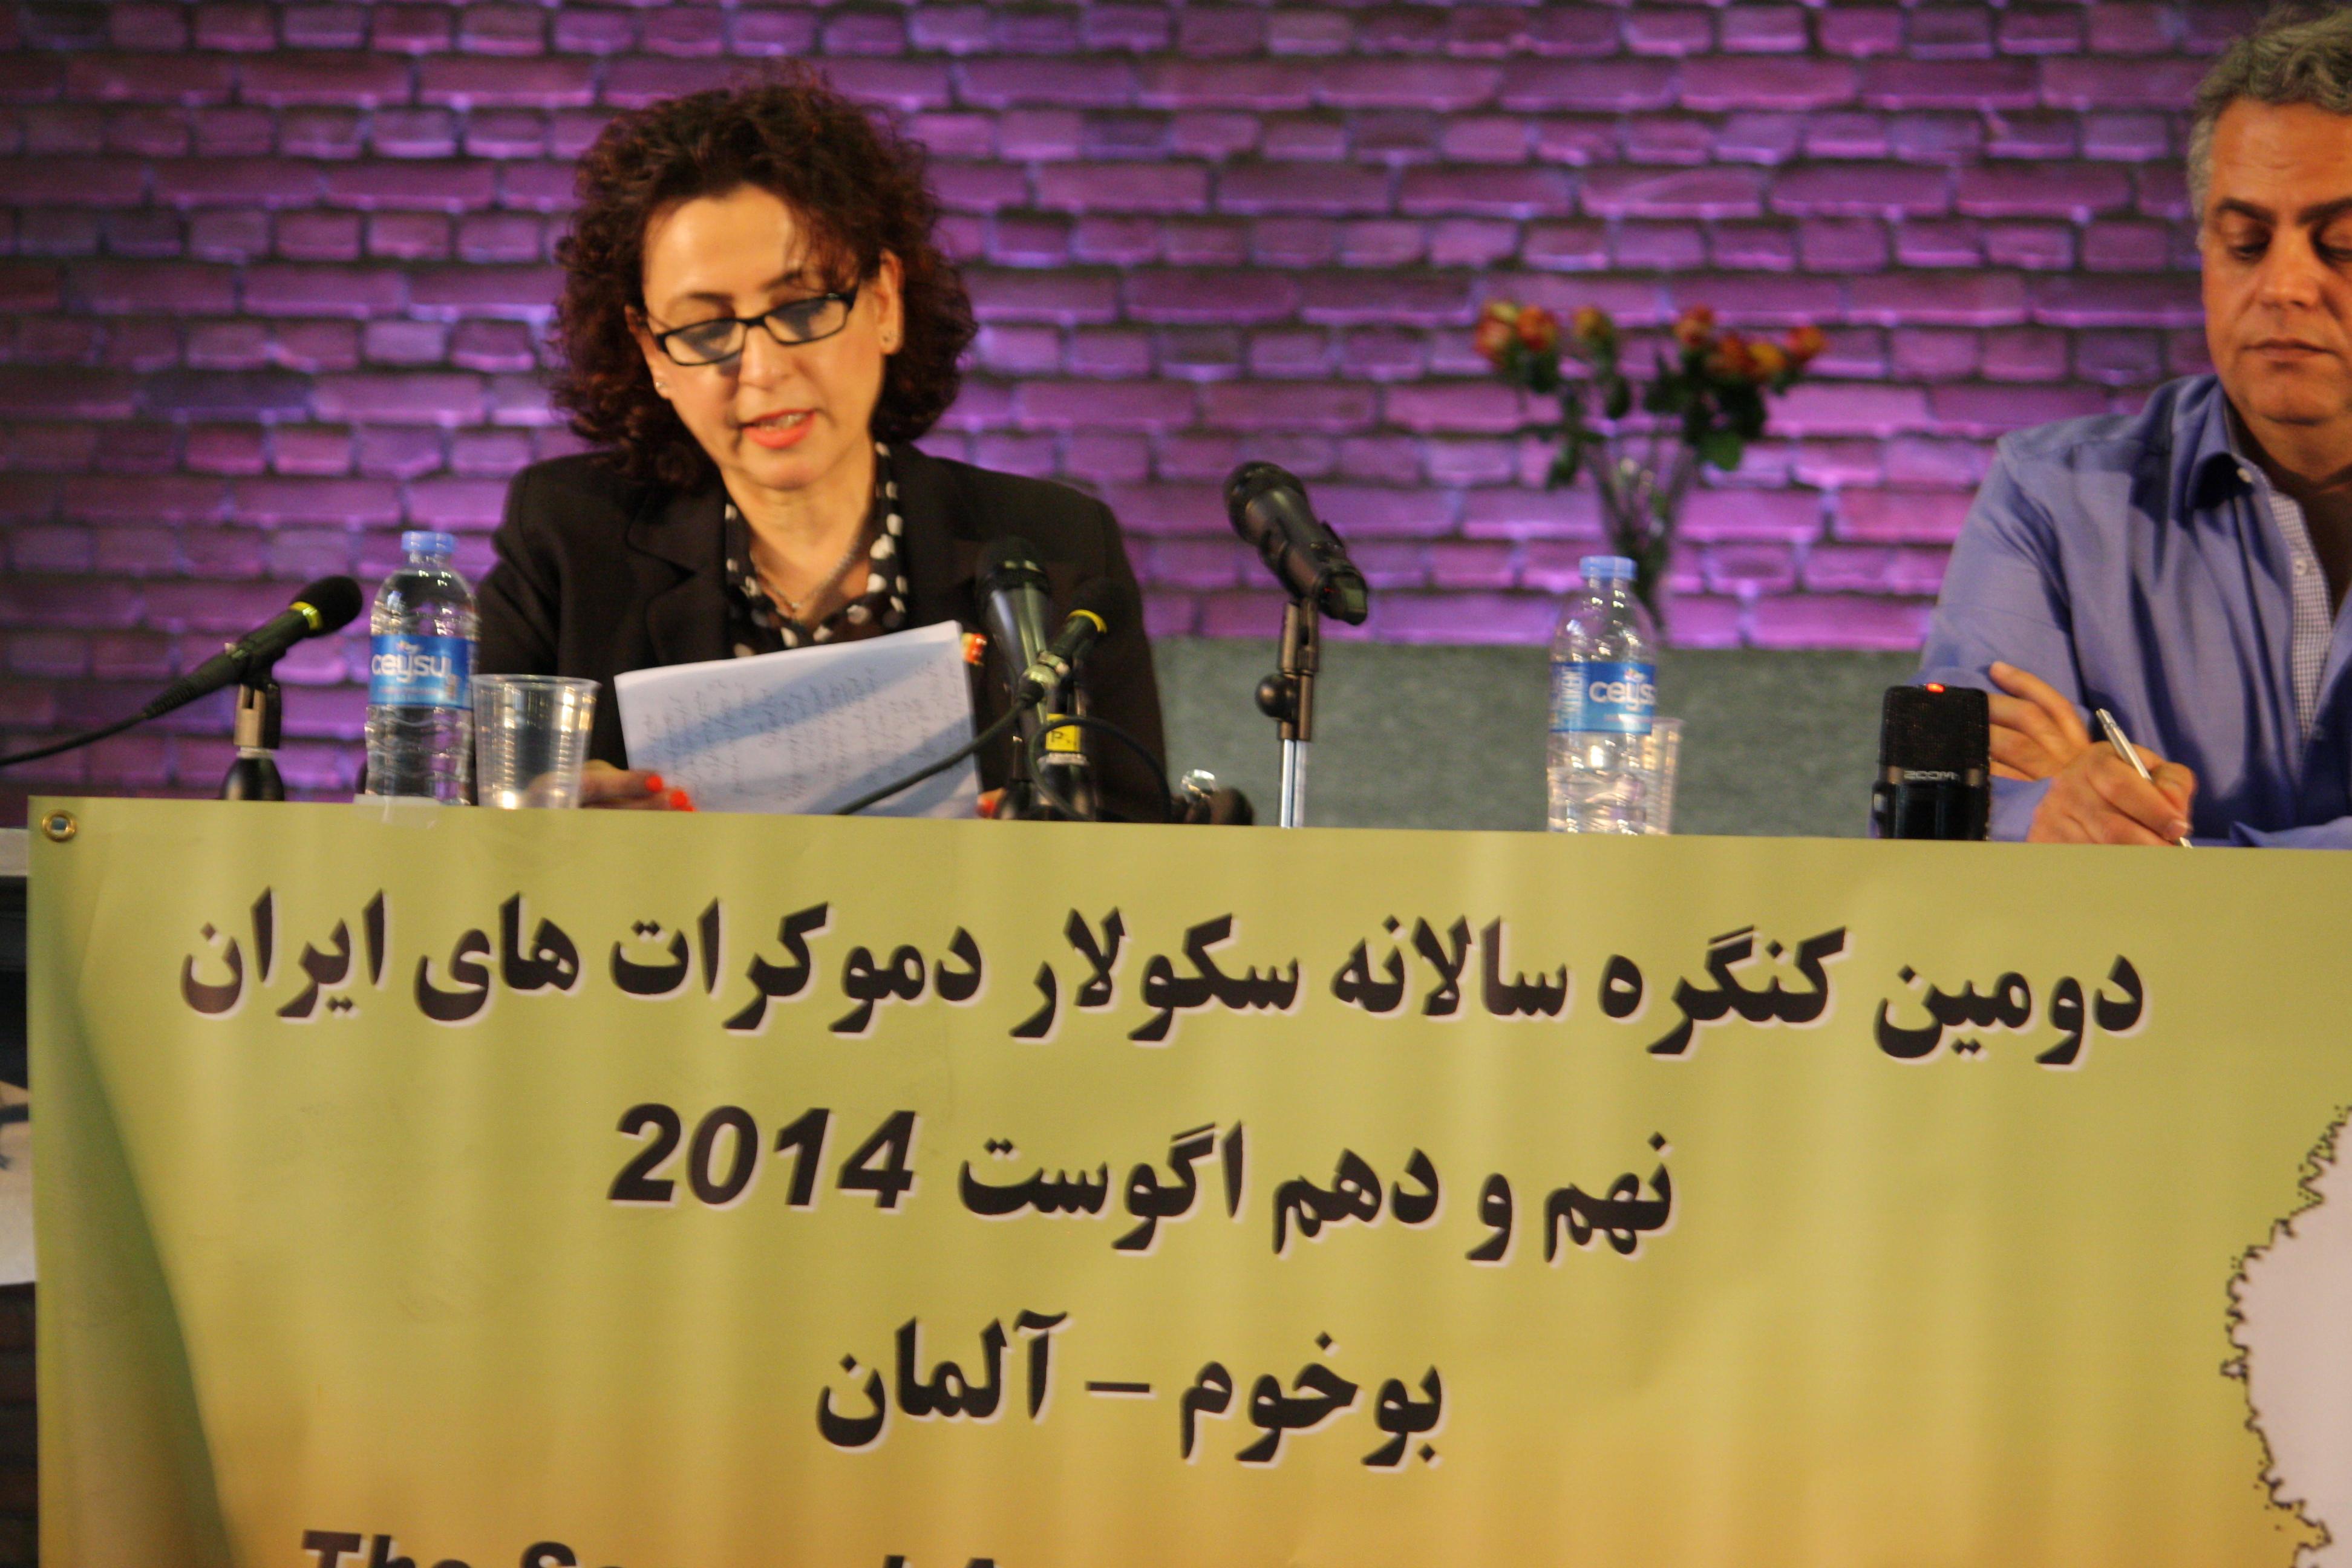 حرف و هدف، هنوز همان حرف و هدفِ جنبش مشروطه است! الاهه بقراط :